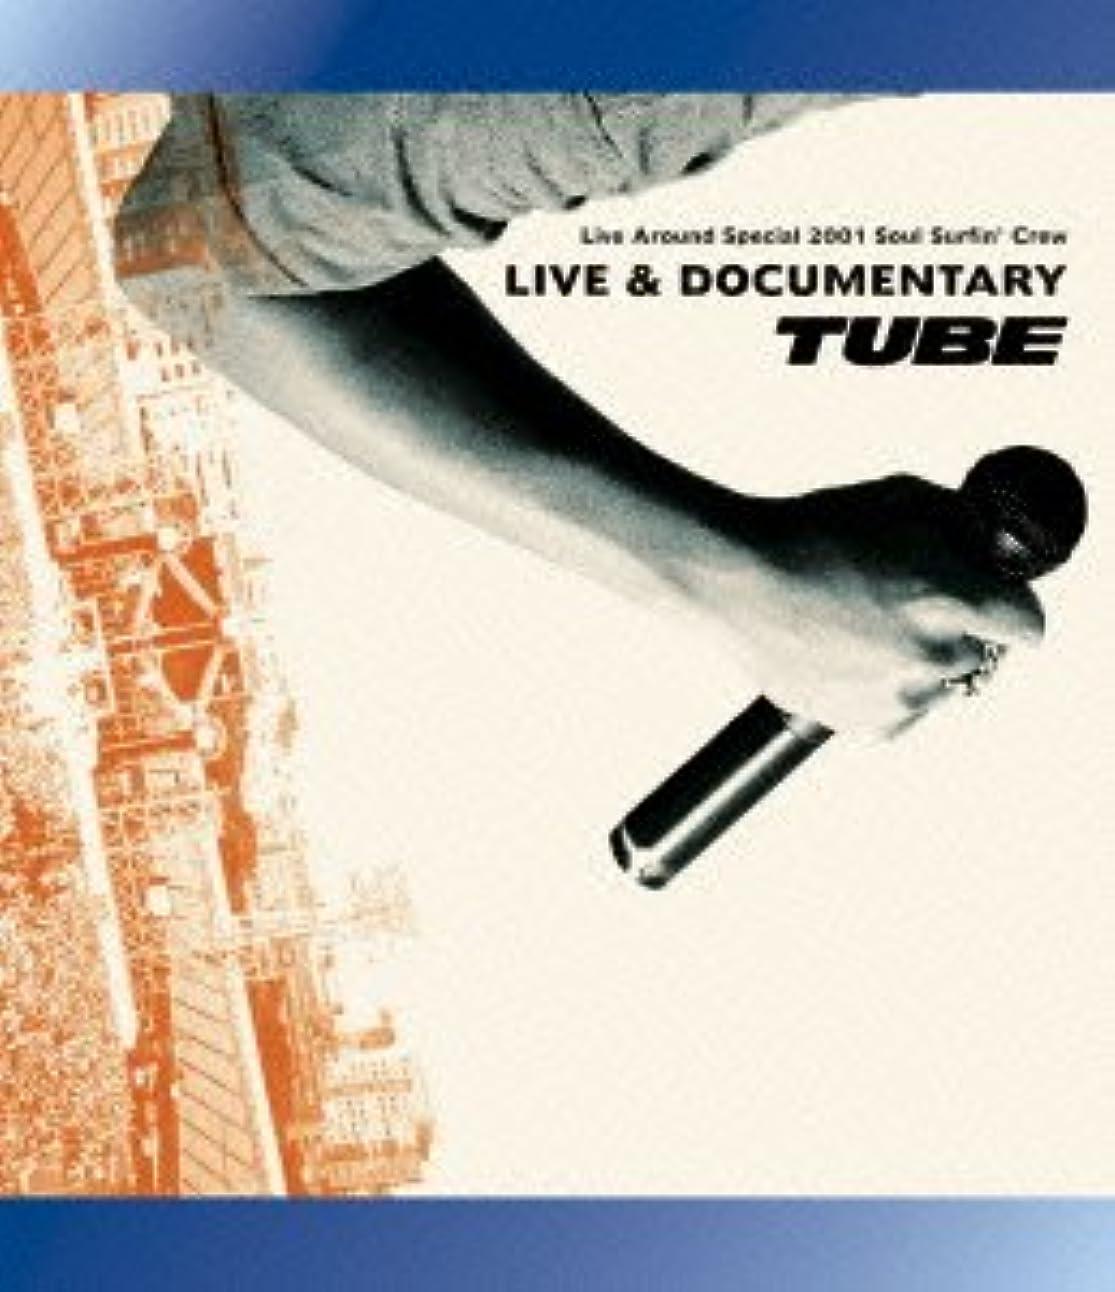 対応する懐礼儀TUBE LIVE AROUND SPECIAL 2001 Soul Surfin' Crew LIVE & DOCUMENTARY [Blu-ray]